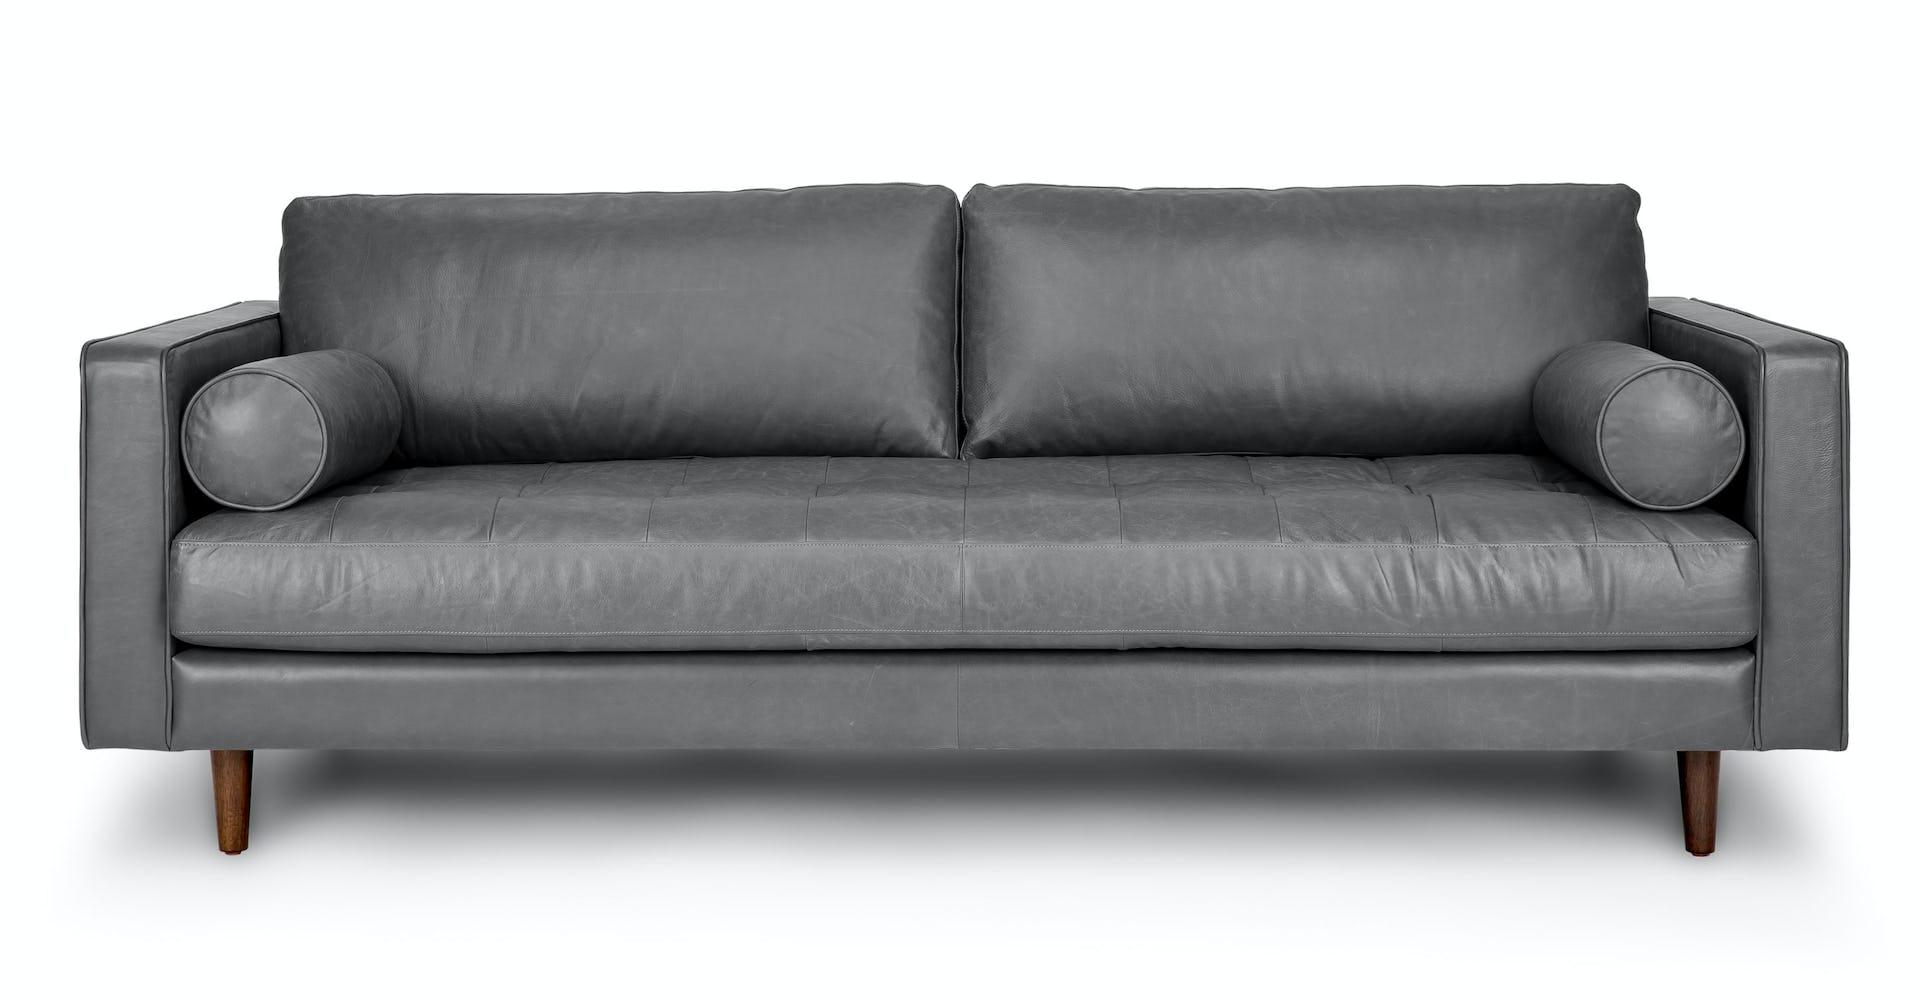 Super Gray Leather Sofa Sven Oxford Gray Sofa Article Machost Co Dining Chair Design Ideas Machostcouk